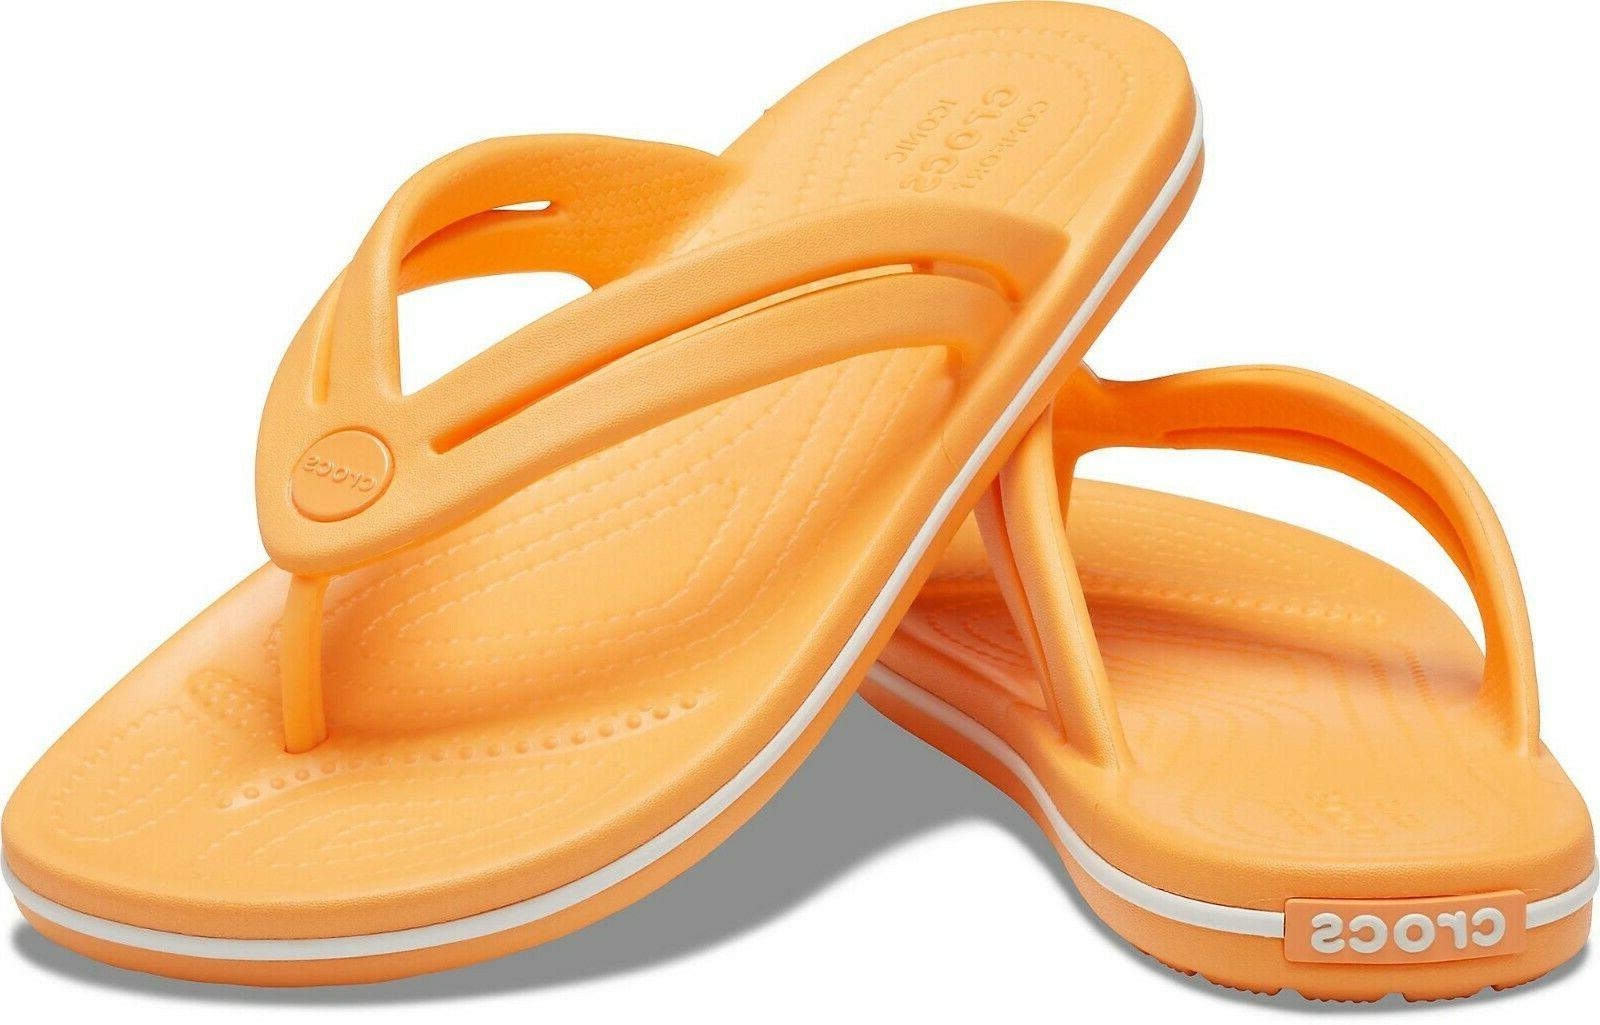 crocband flip flops cantaloupe size 11 new